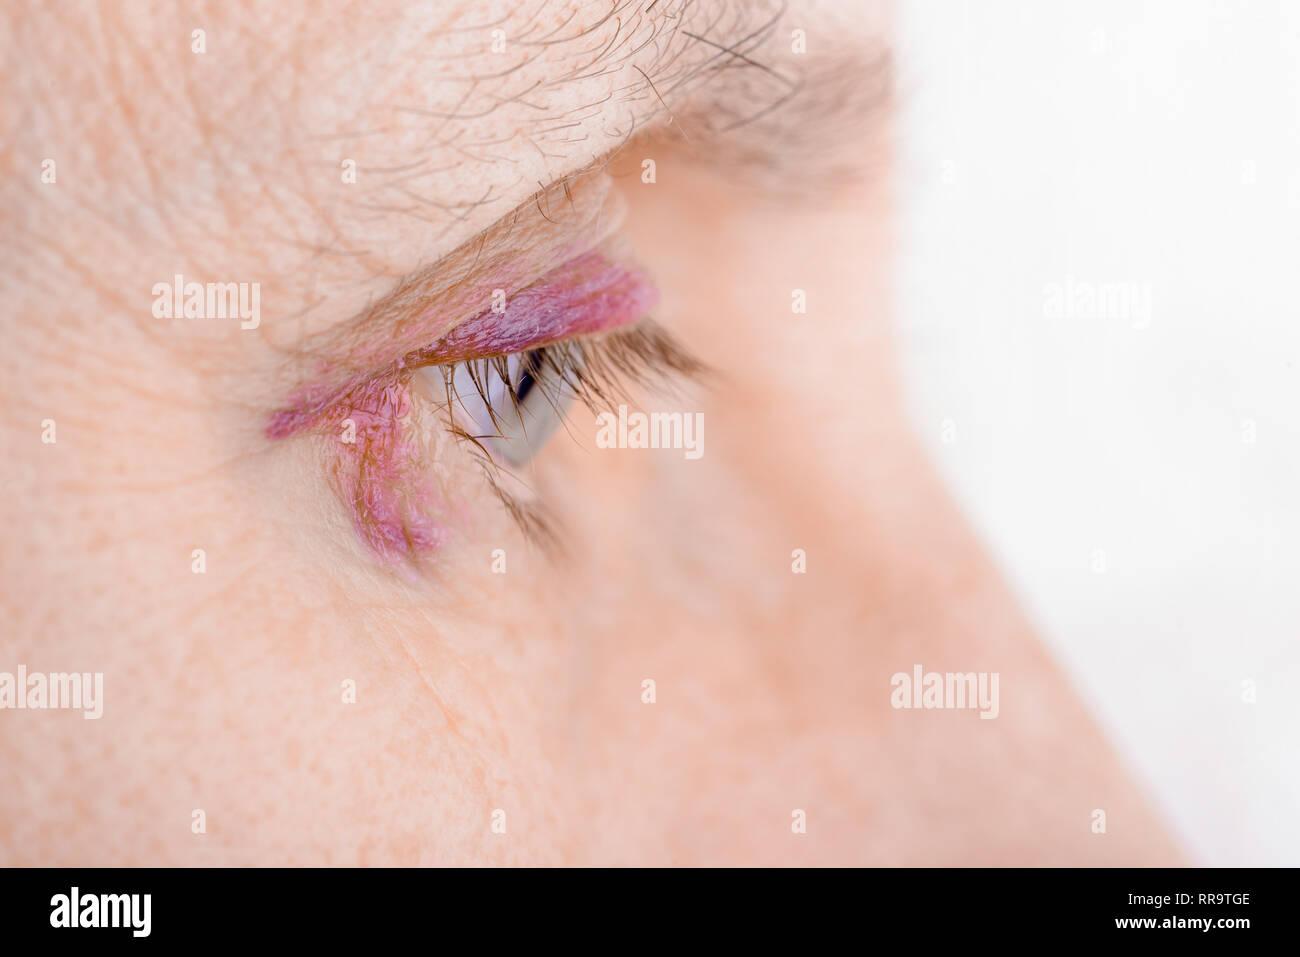 Hoden bluterguss Hodenschwellung